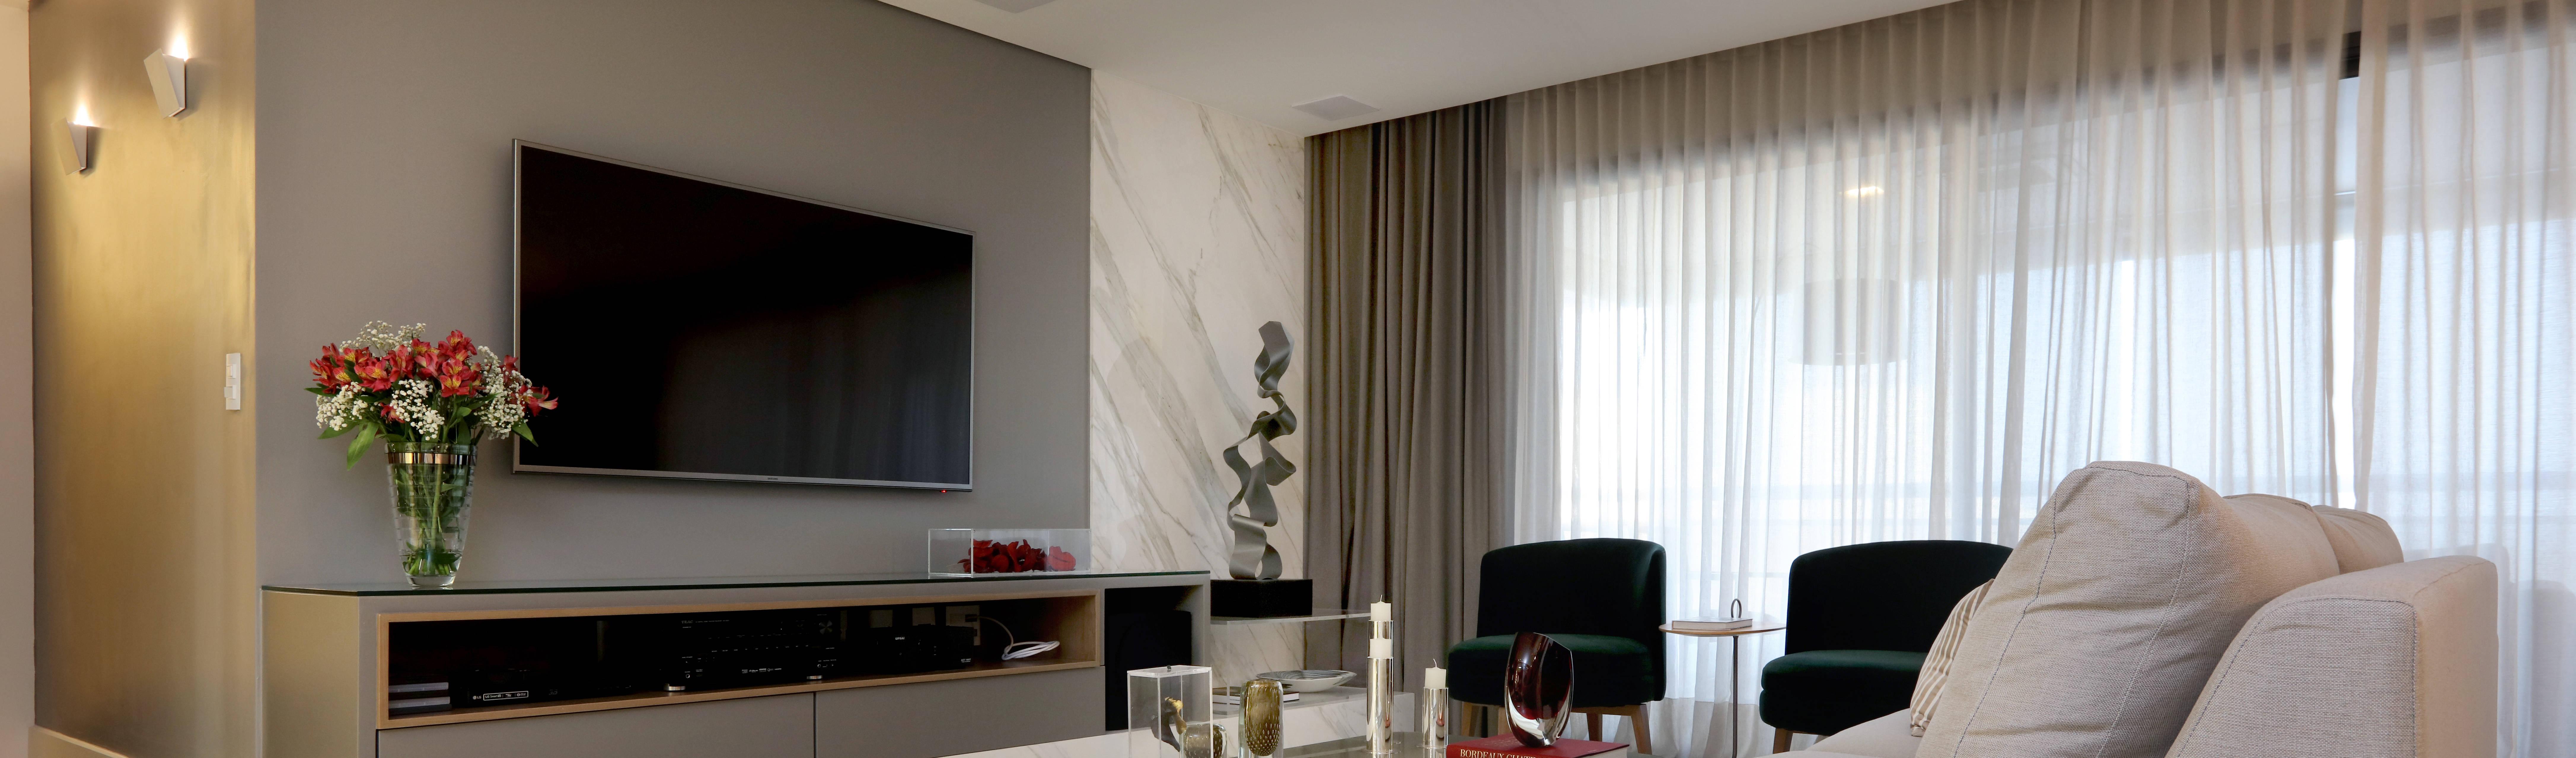 Susana Fiuza Arquitetura e Interiores